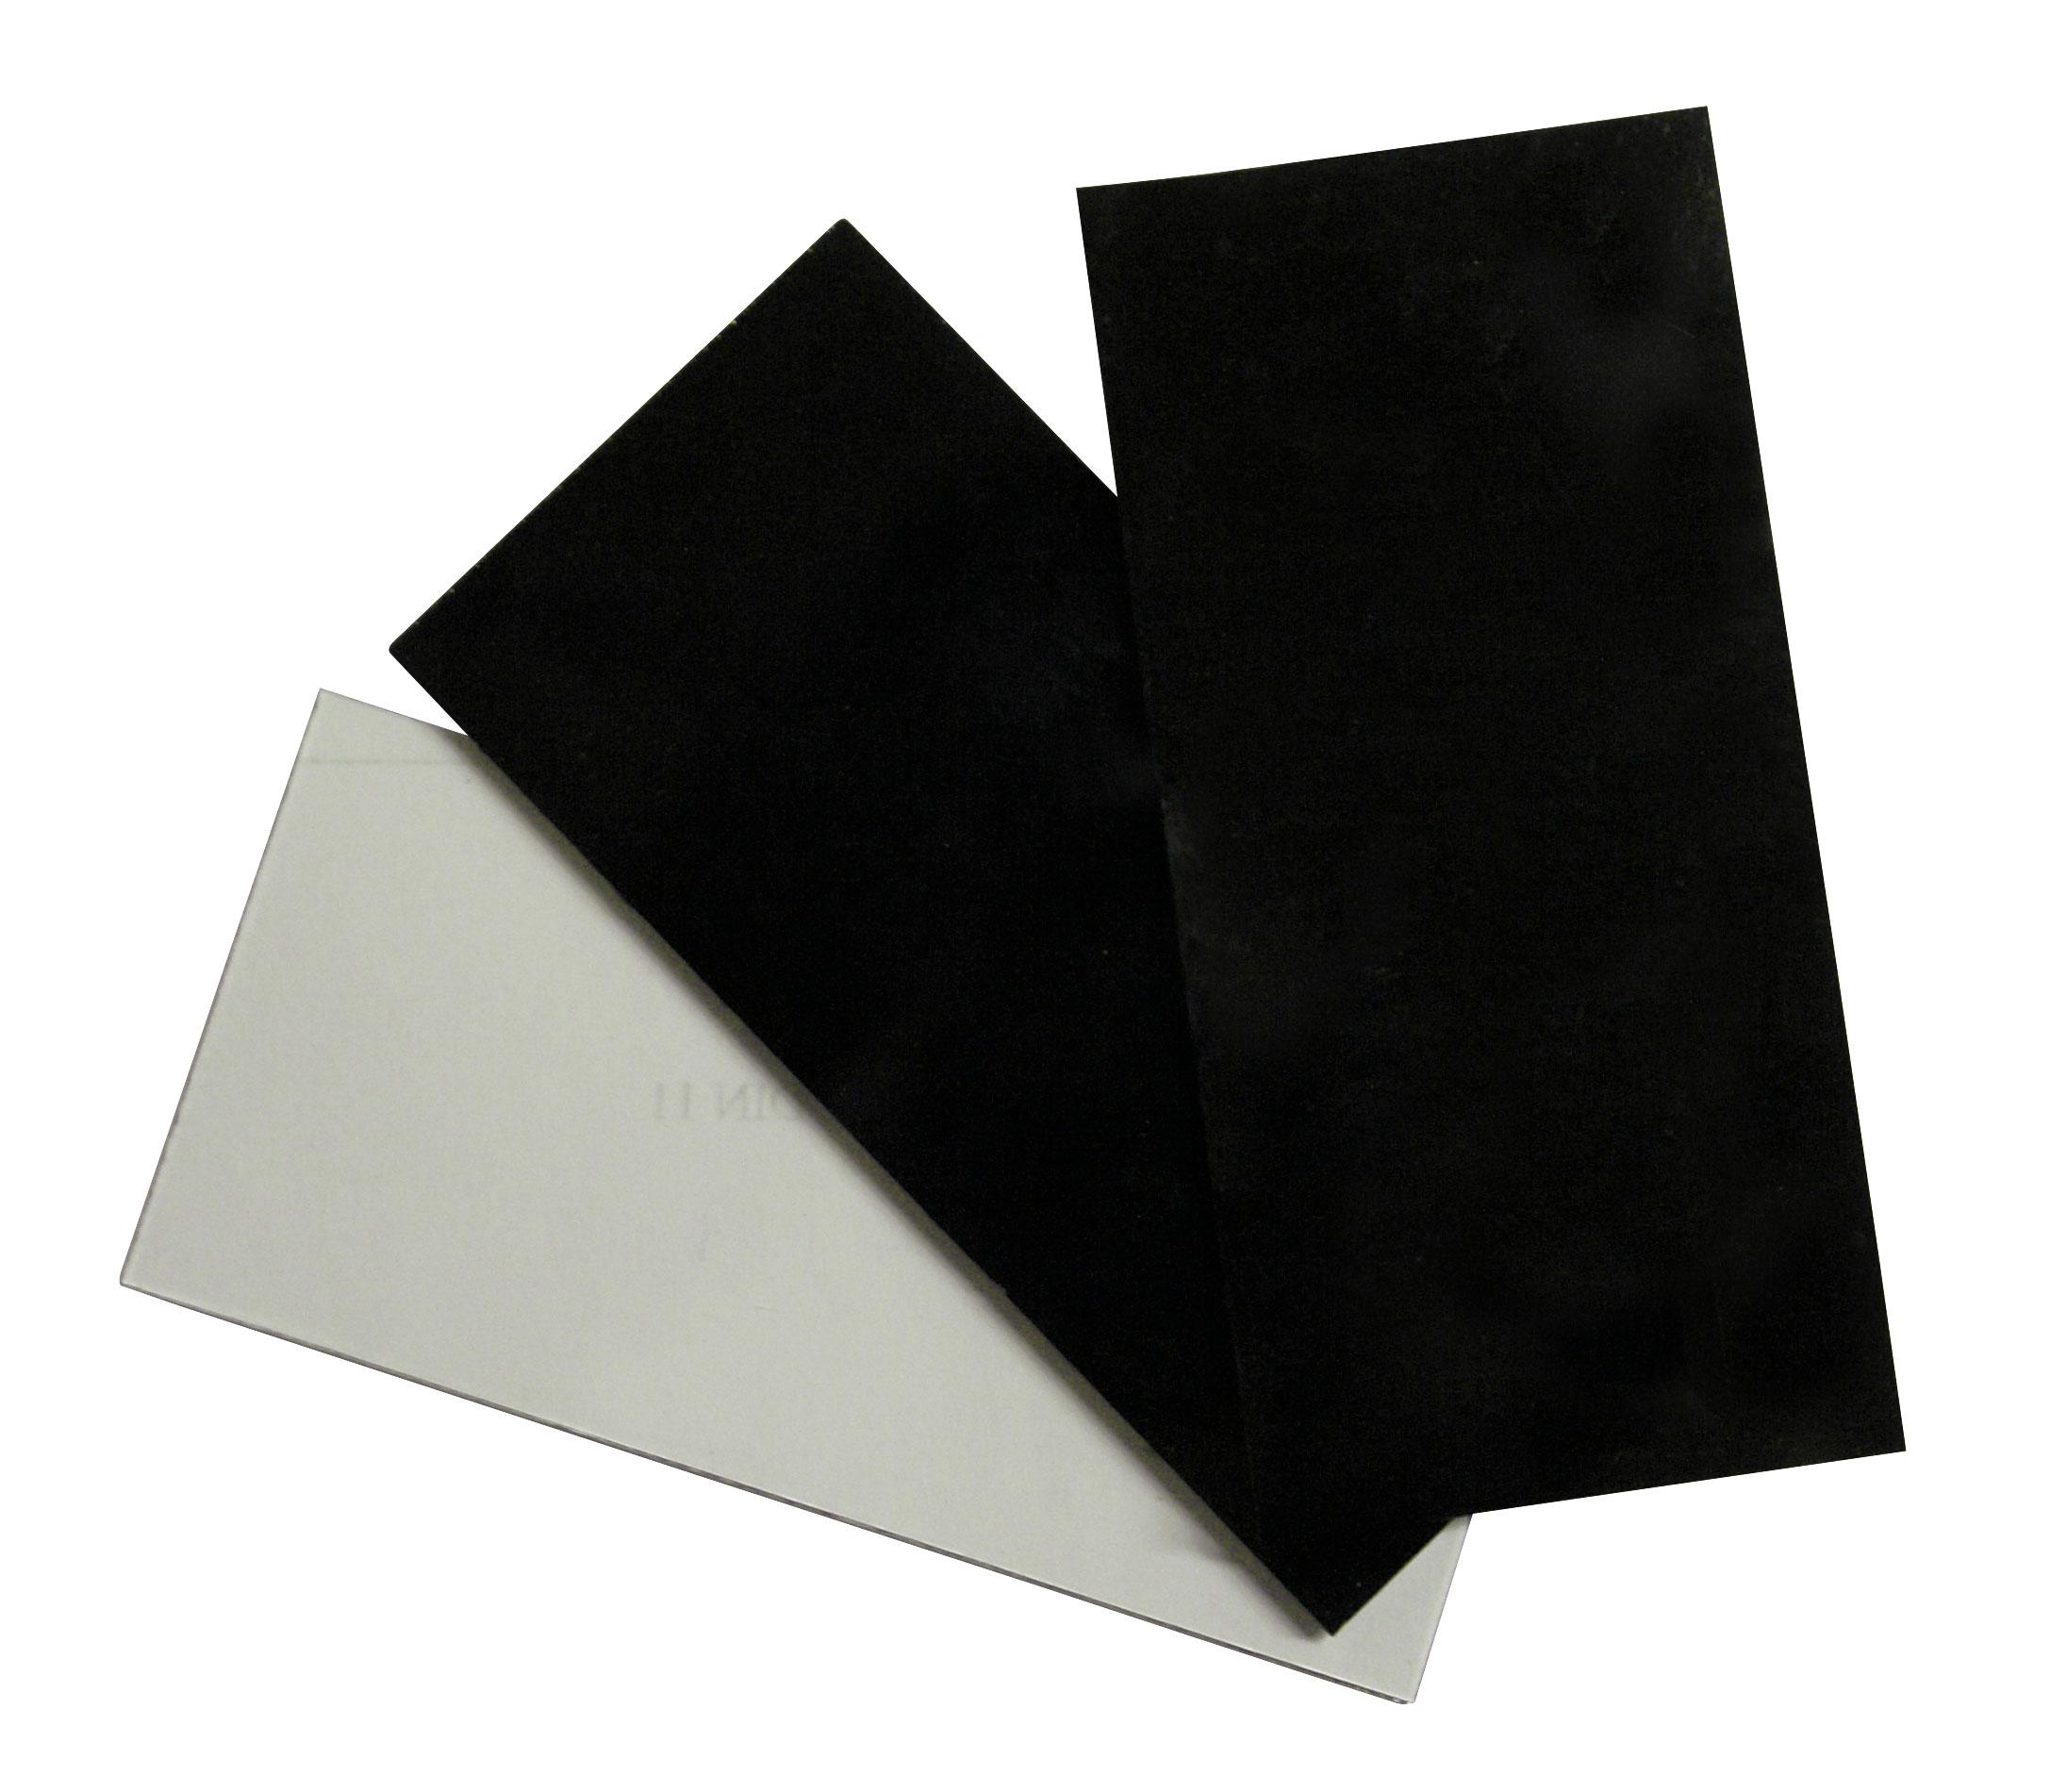 Schutzglas-Set 108 x 50 mm 3-tlg. für Güde Schweißschutzhelm DIN 11 Bild 1